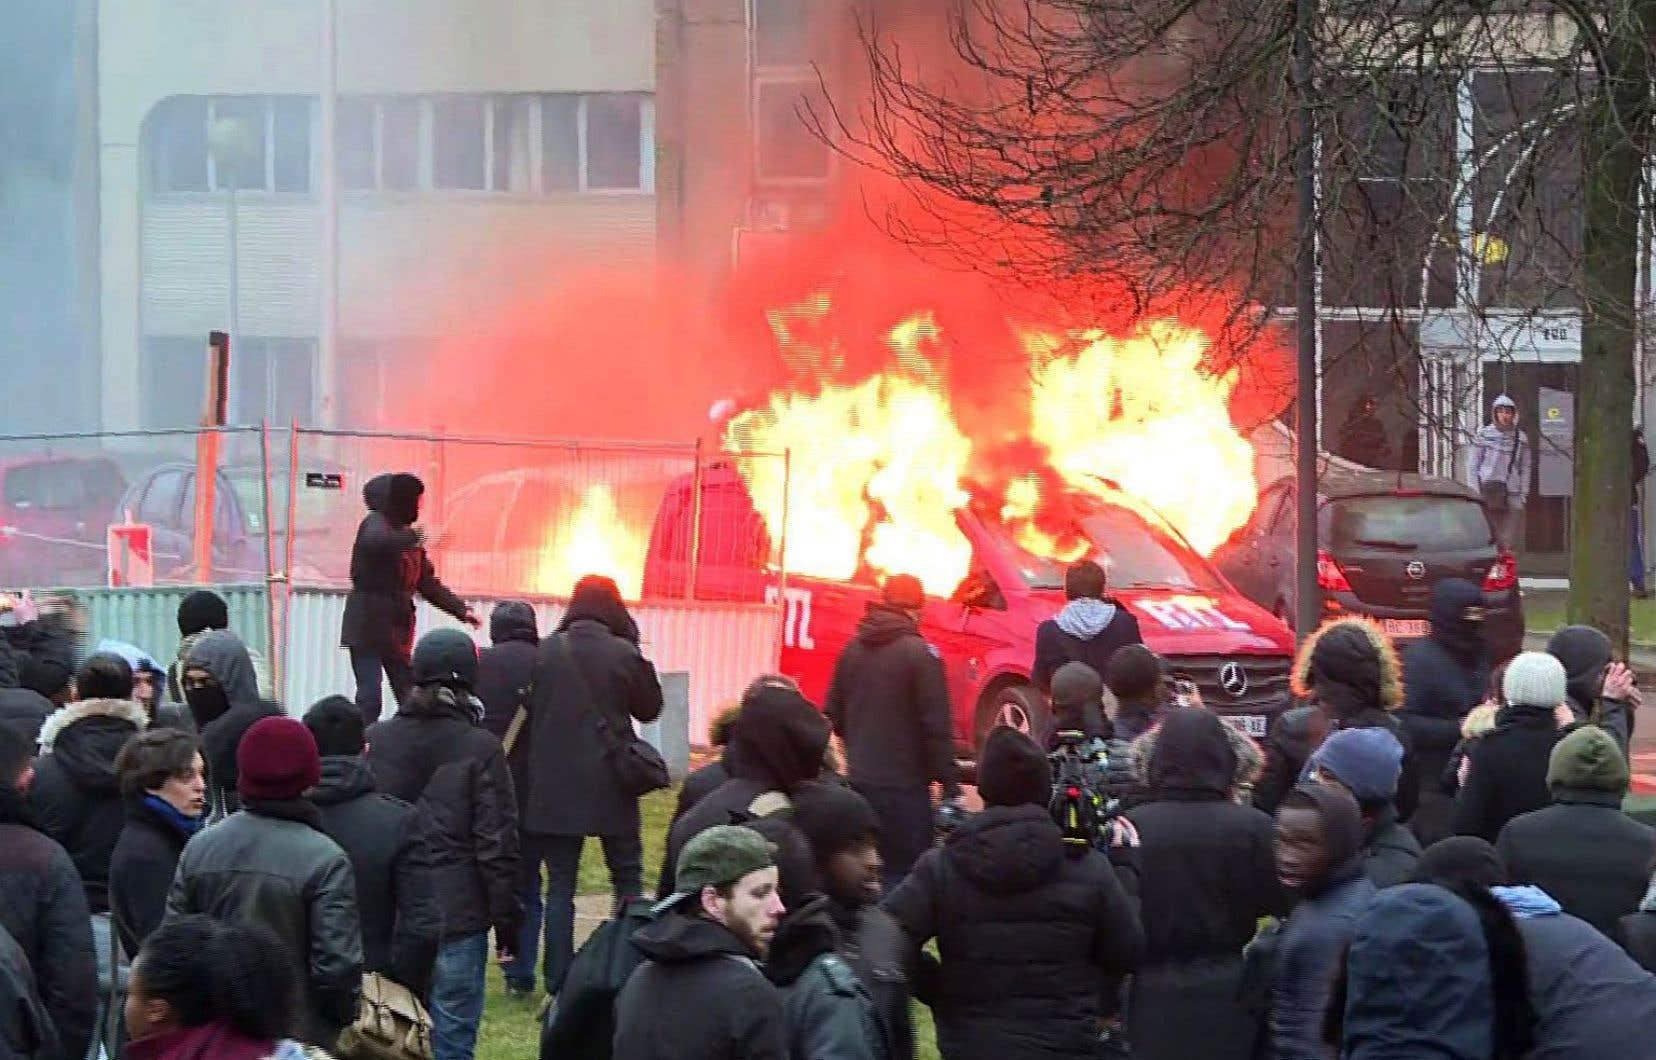 Après deux nuits consécutives de violence, plusieurs n'hésitent plus à évoquer le souvenir encore vivace des émeutes de 2005.